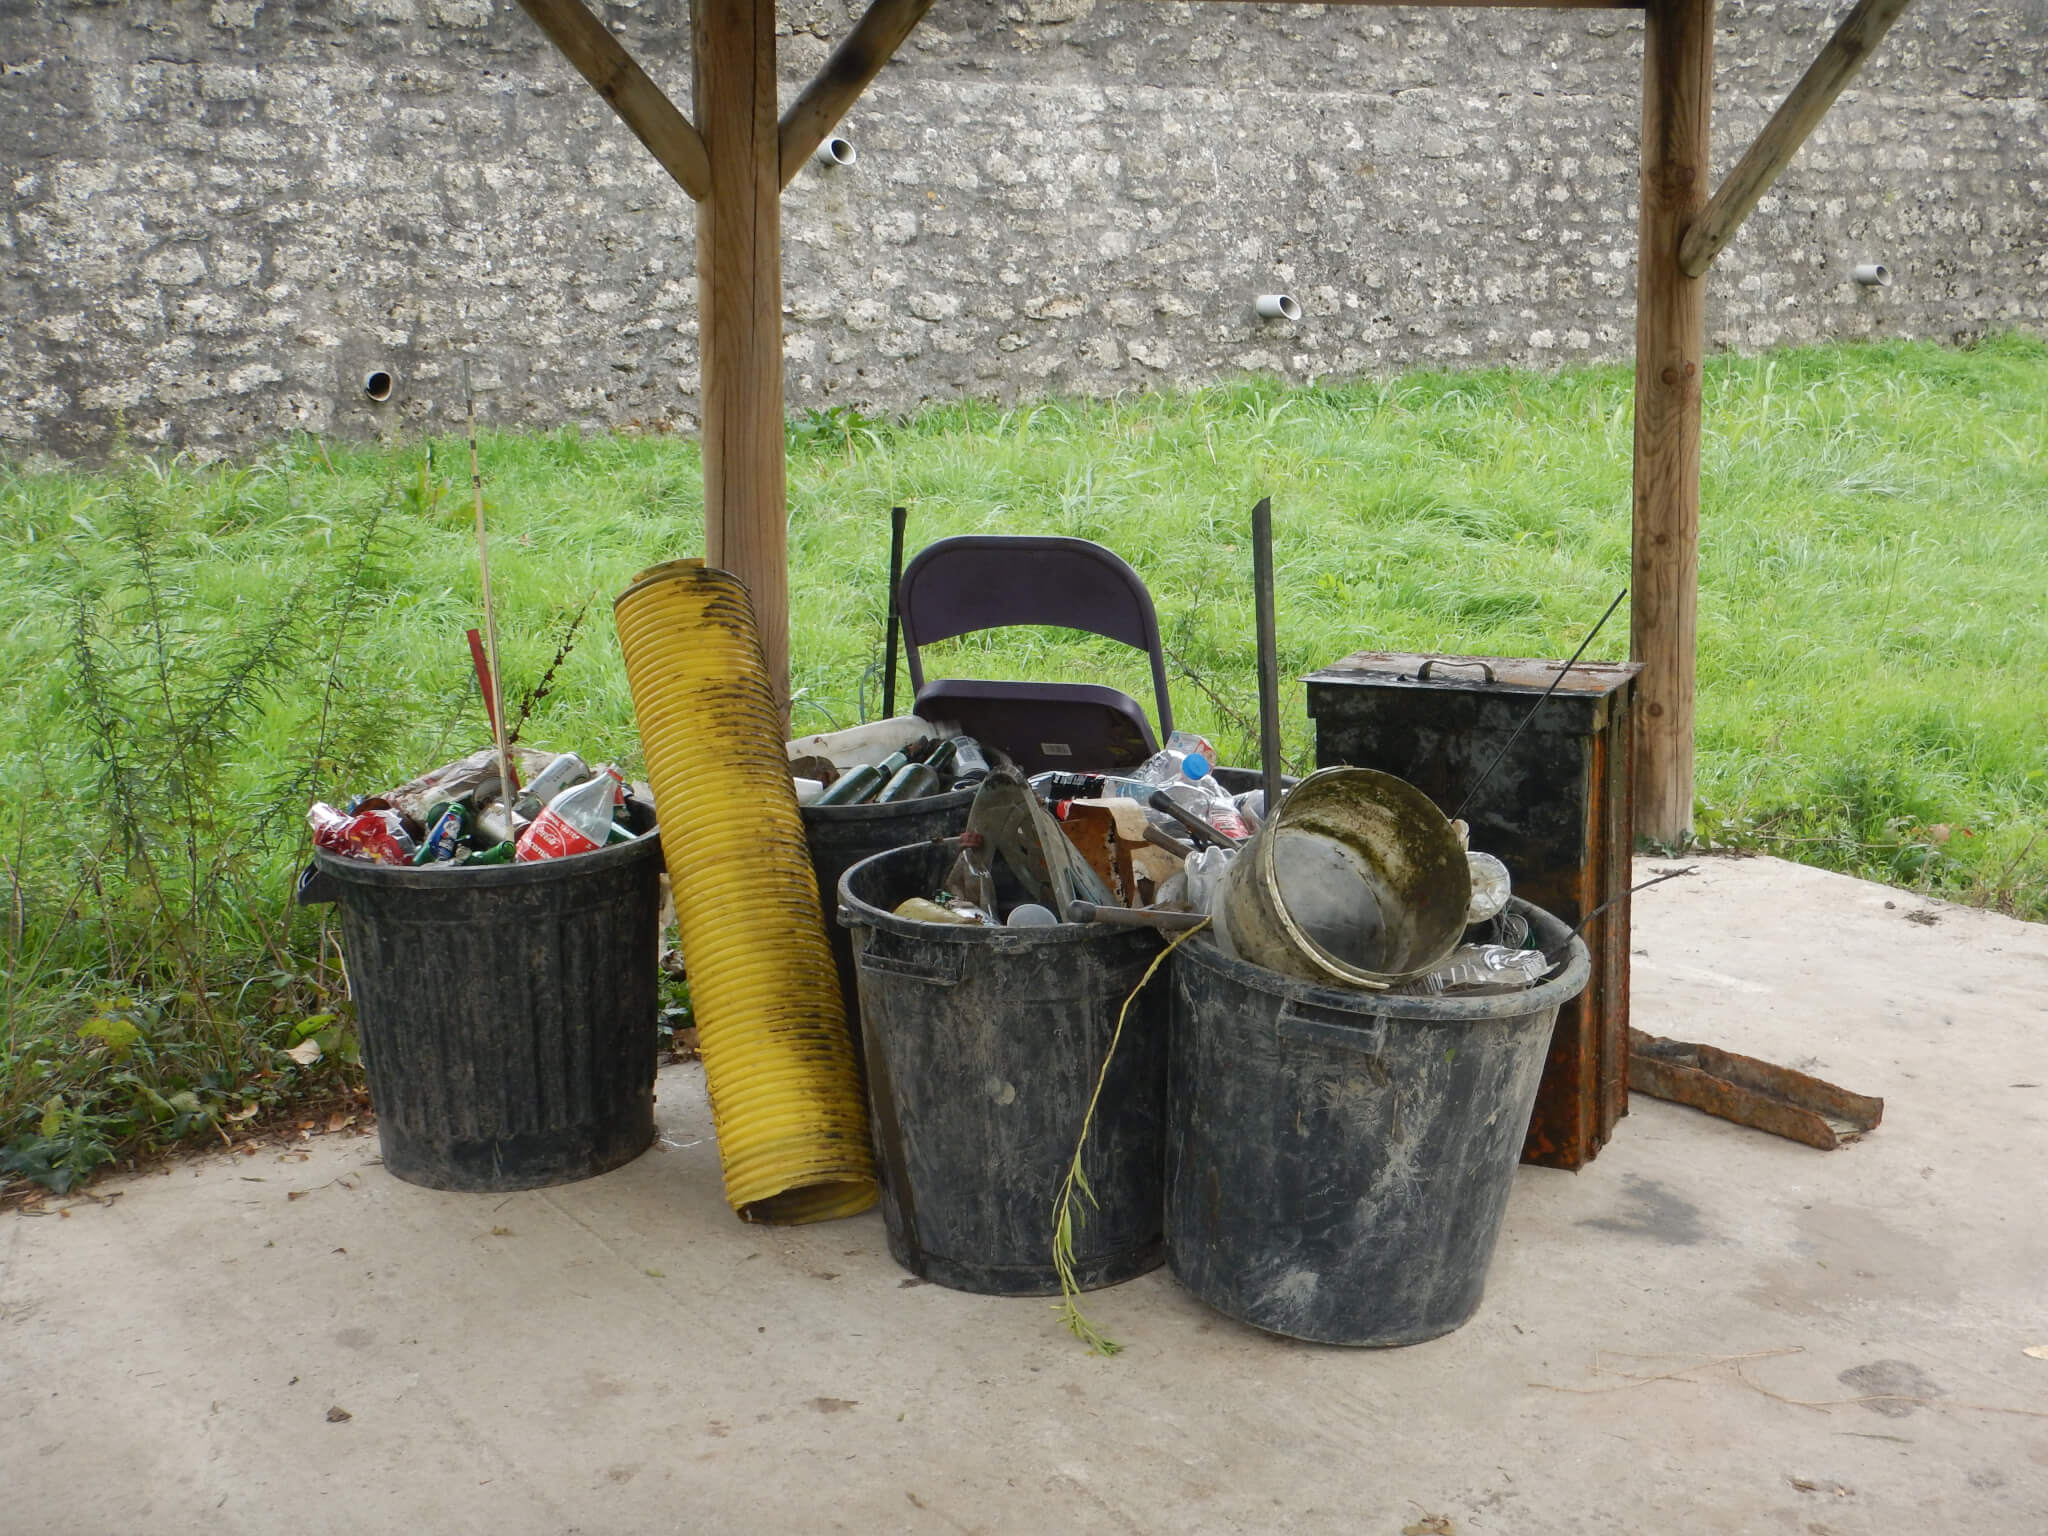 photo 6 déchets récupérés sur les étangs 1 et 2